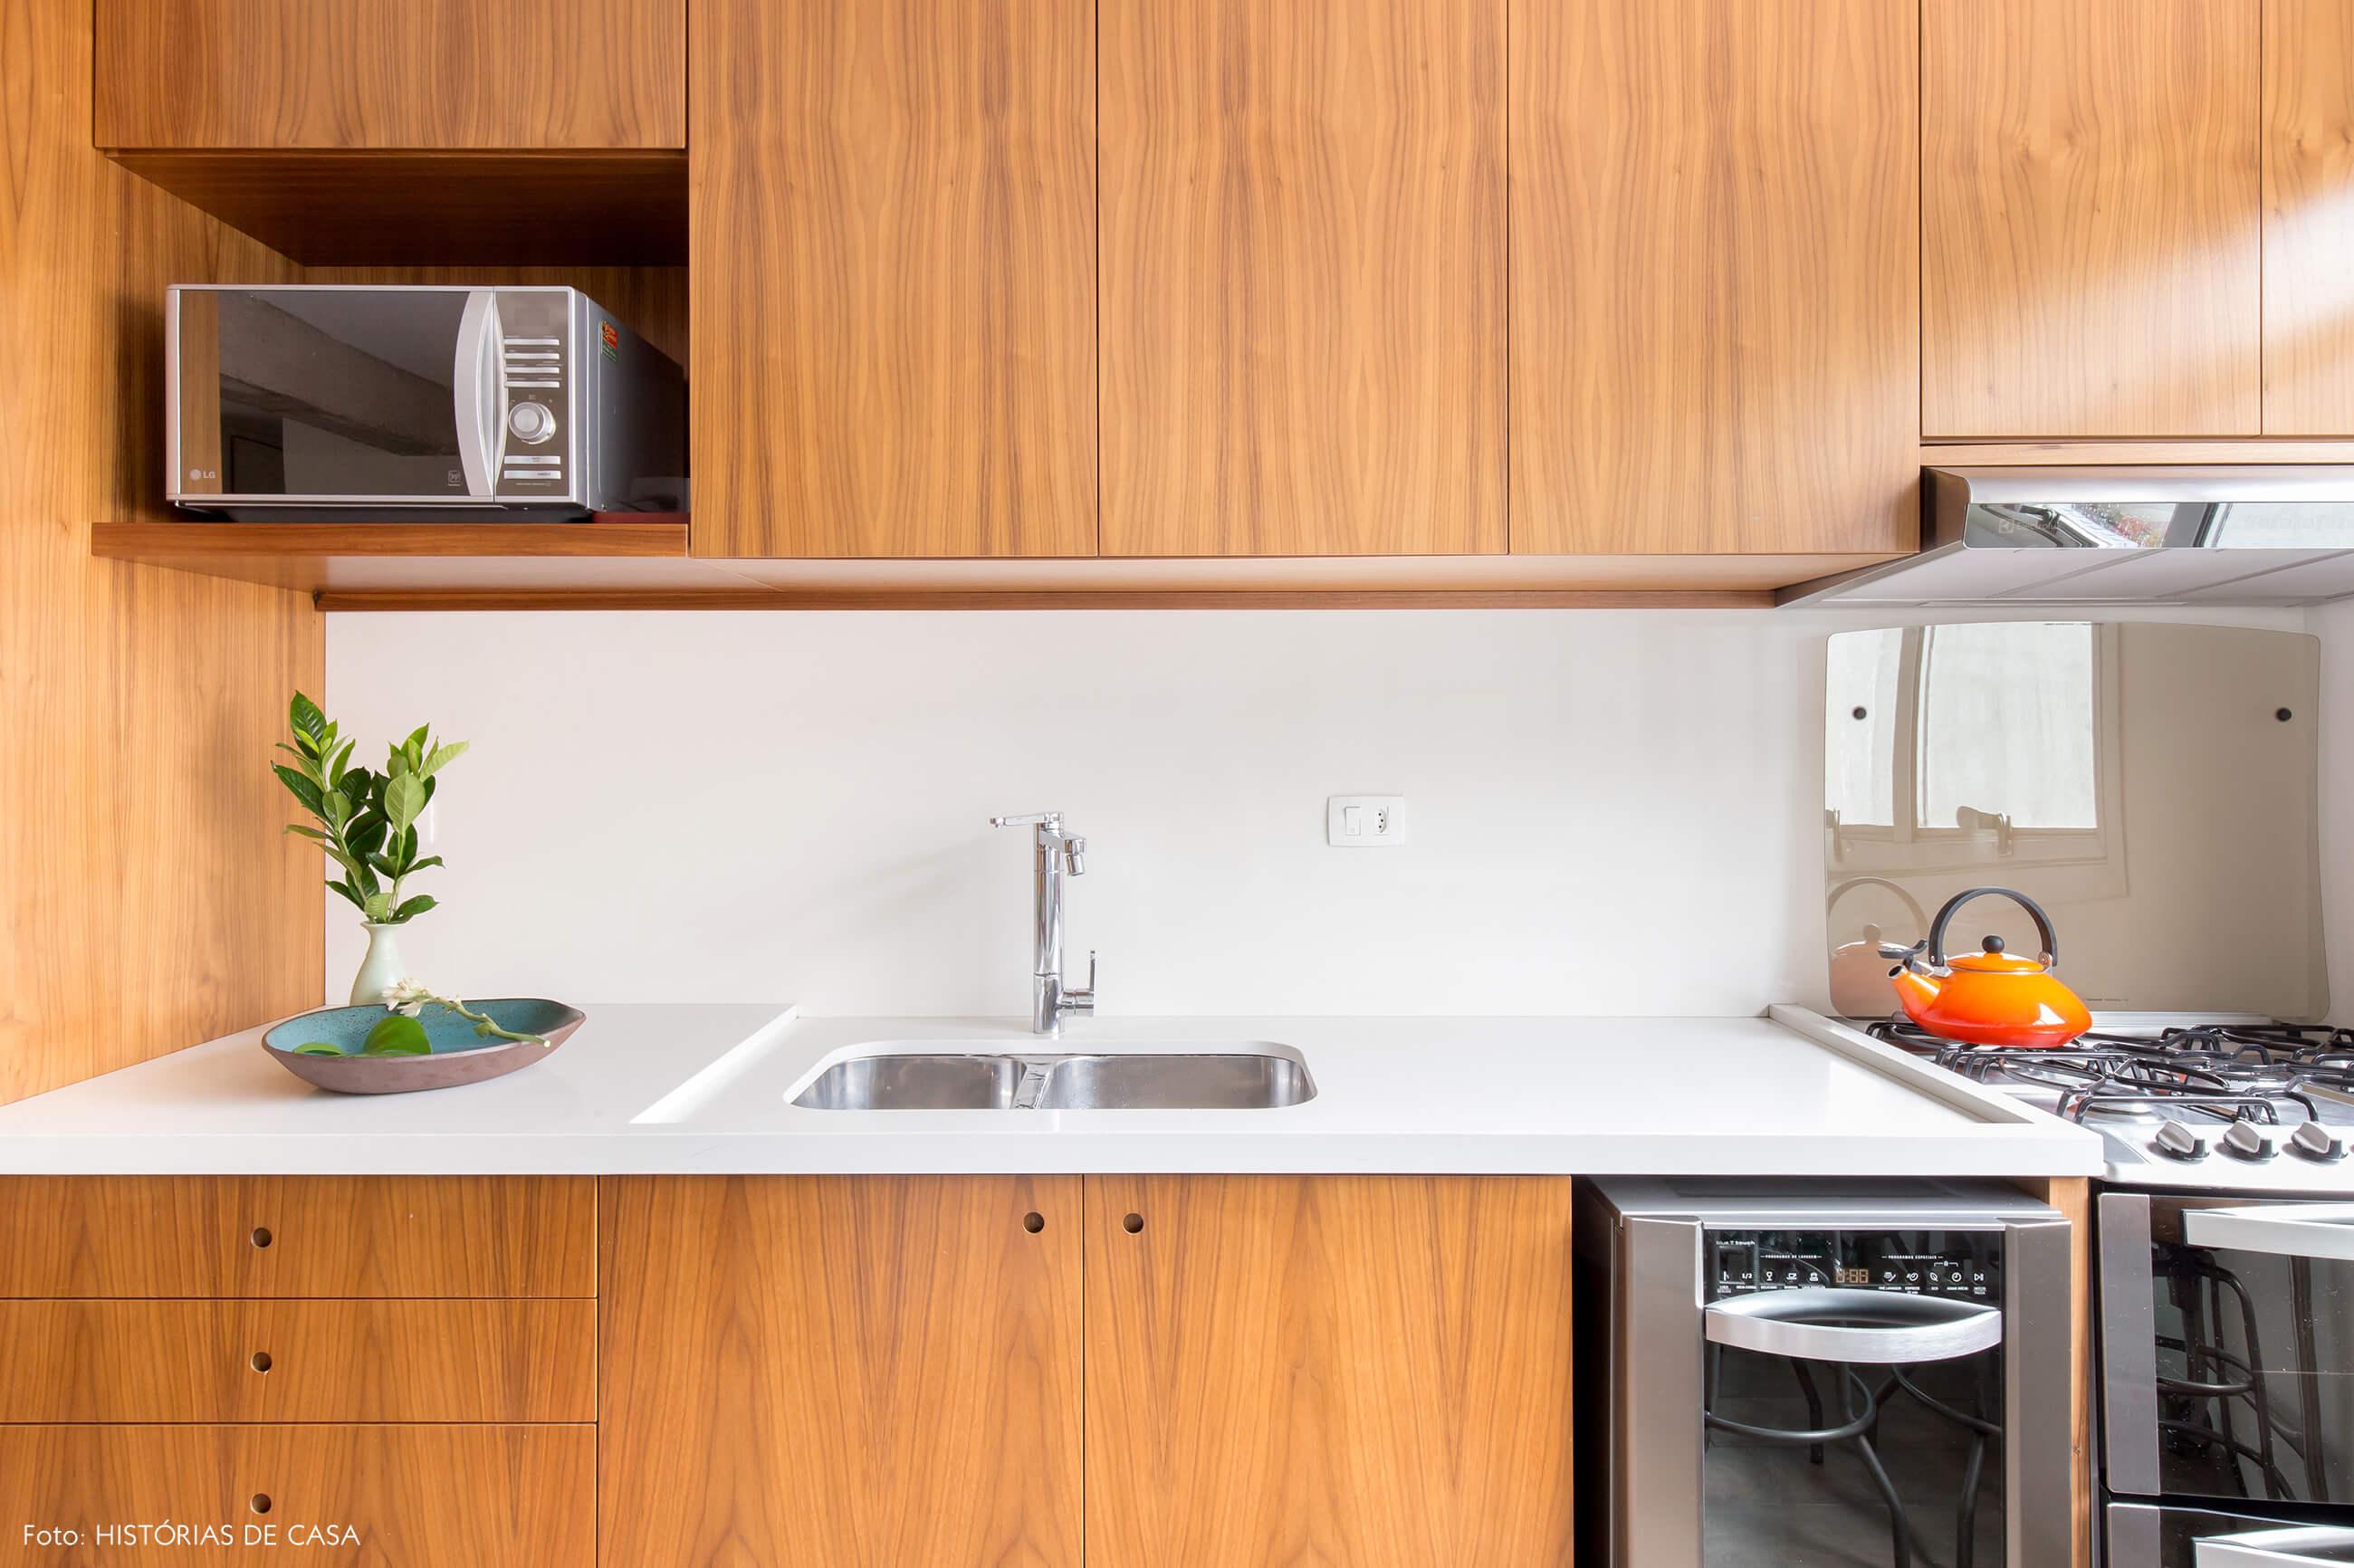 Cozinha reformada com bancada branca e armários de madeira